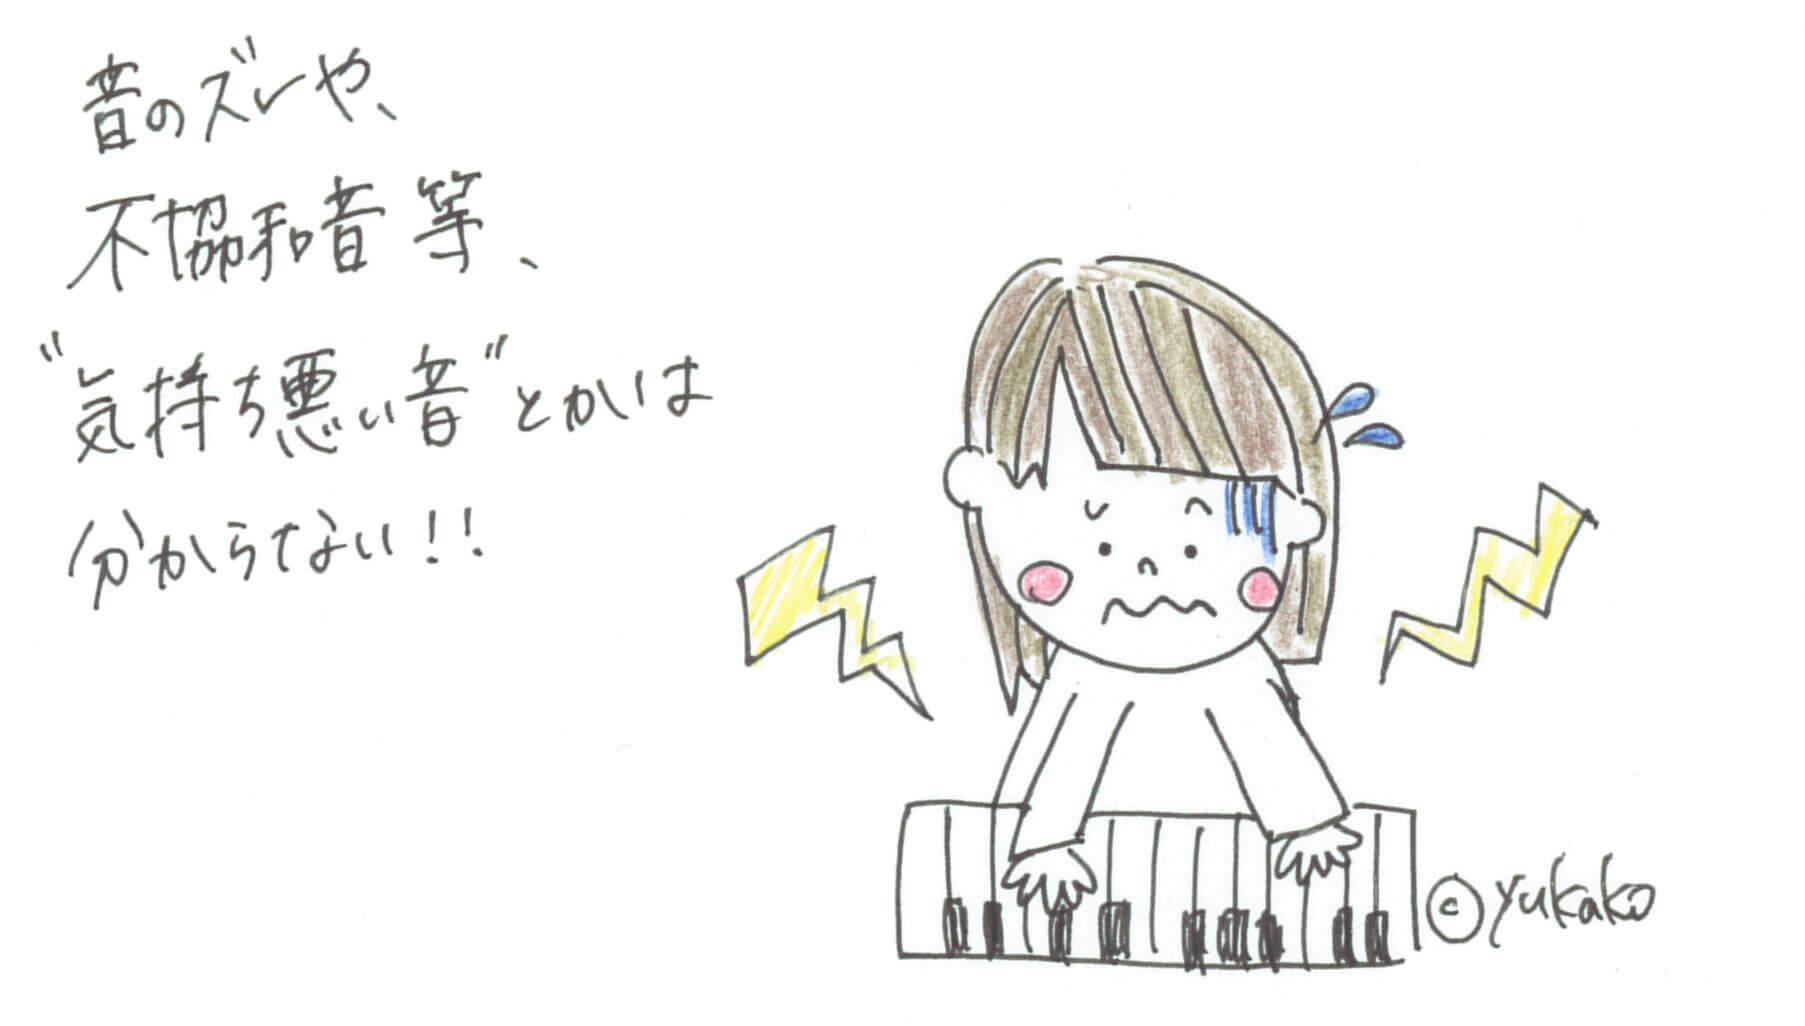 【難聴と音楽】難聴者って音楽出来るの…?